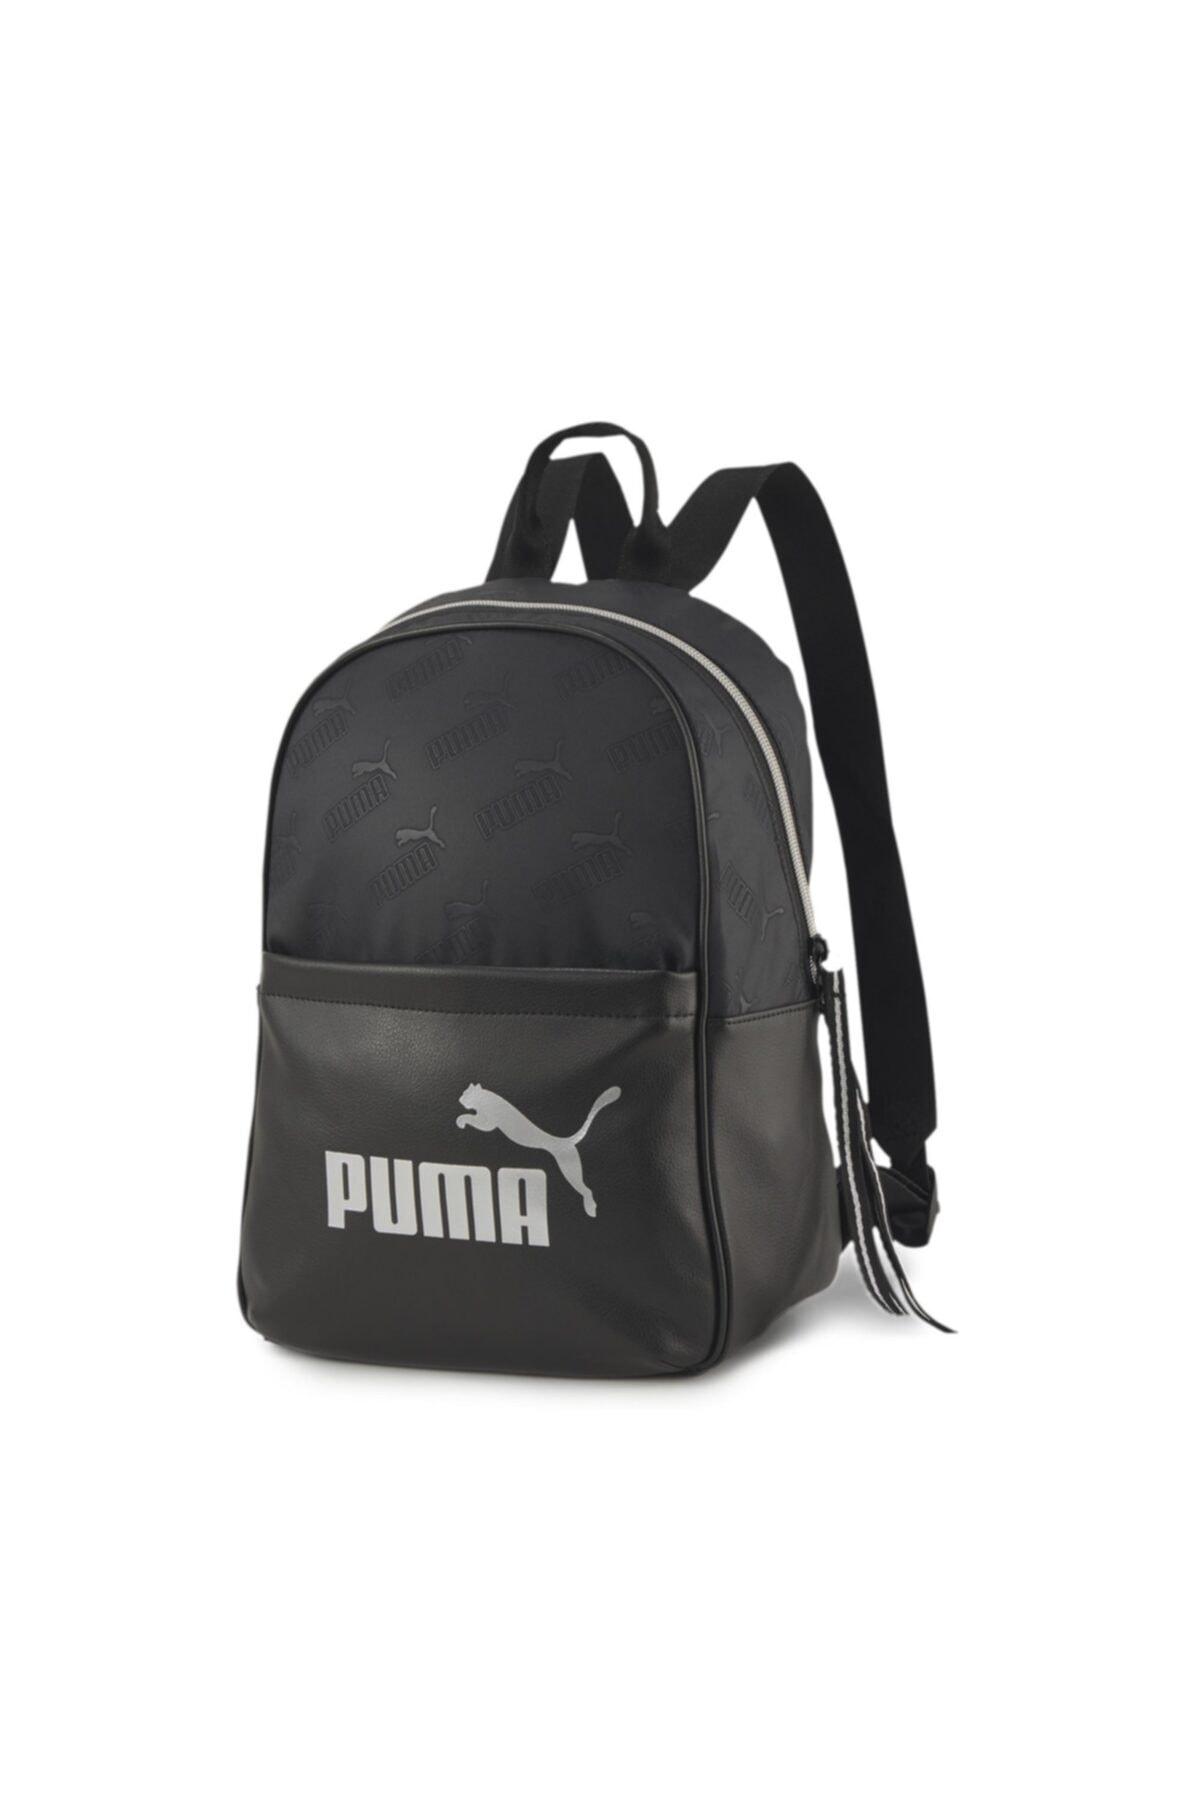 Puma Wmn Core Up Kadın Sırt Çantası - 07738601 1